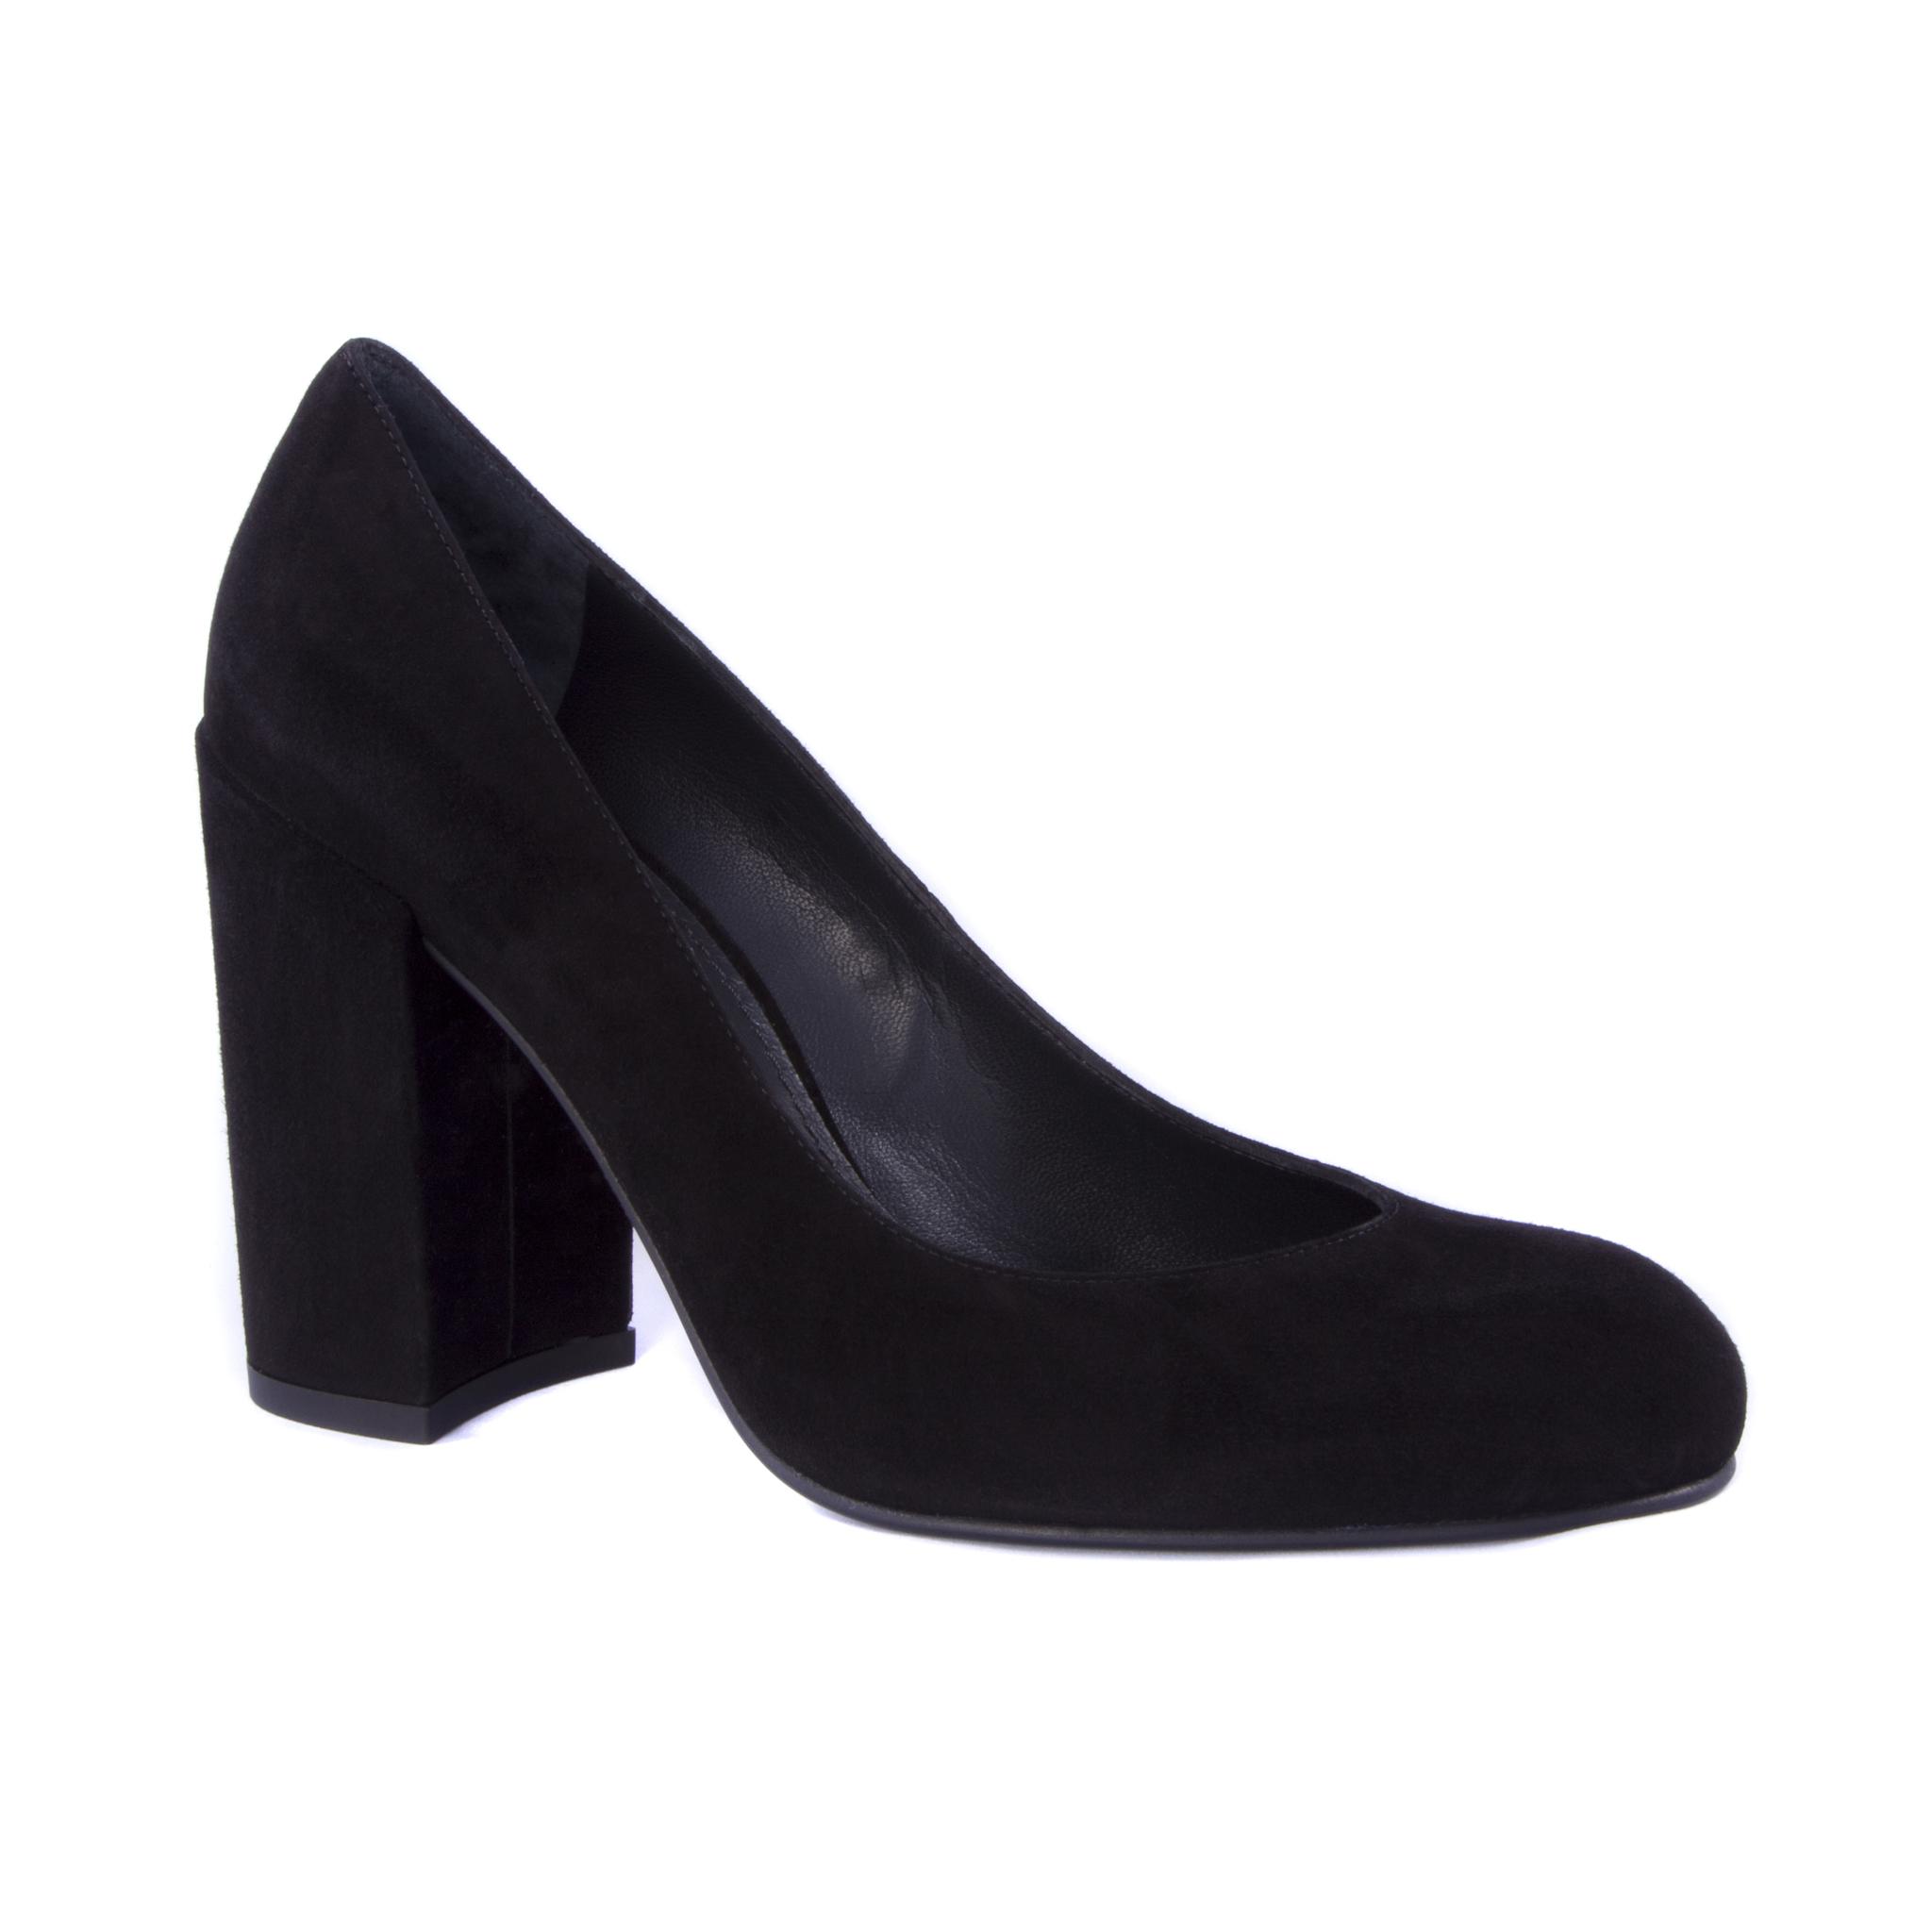 e4721e8db Женские черные замшевые туфли Stuart Weitzman 41240 на устойчивом ...